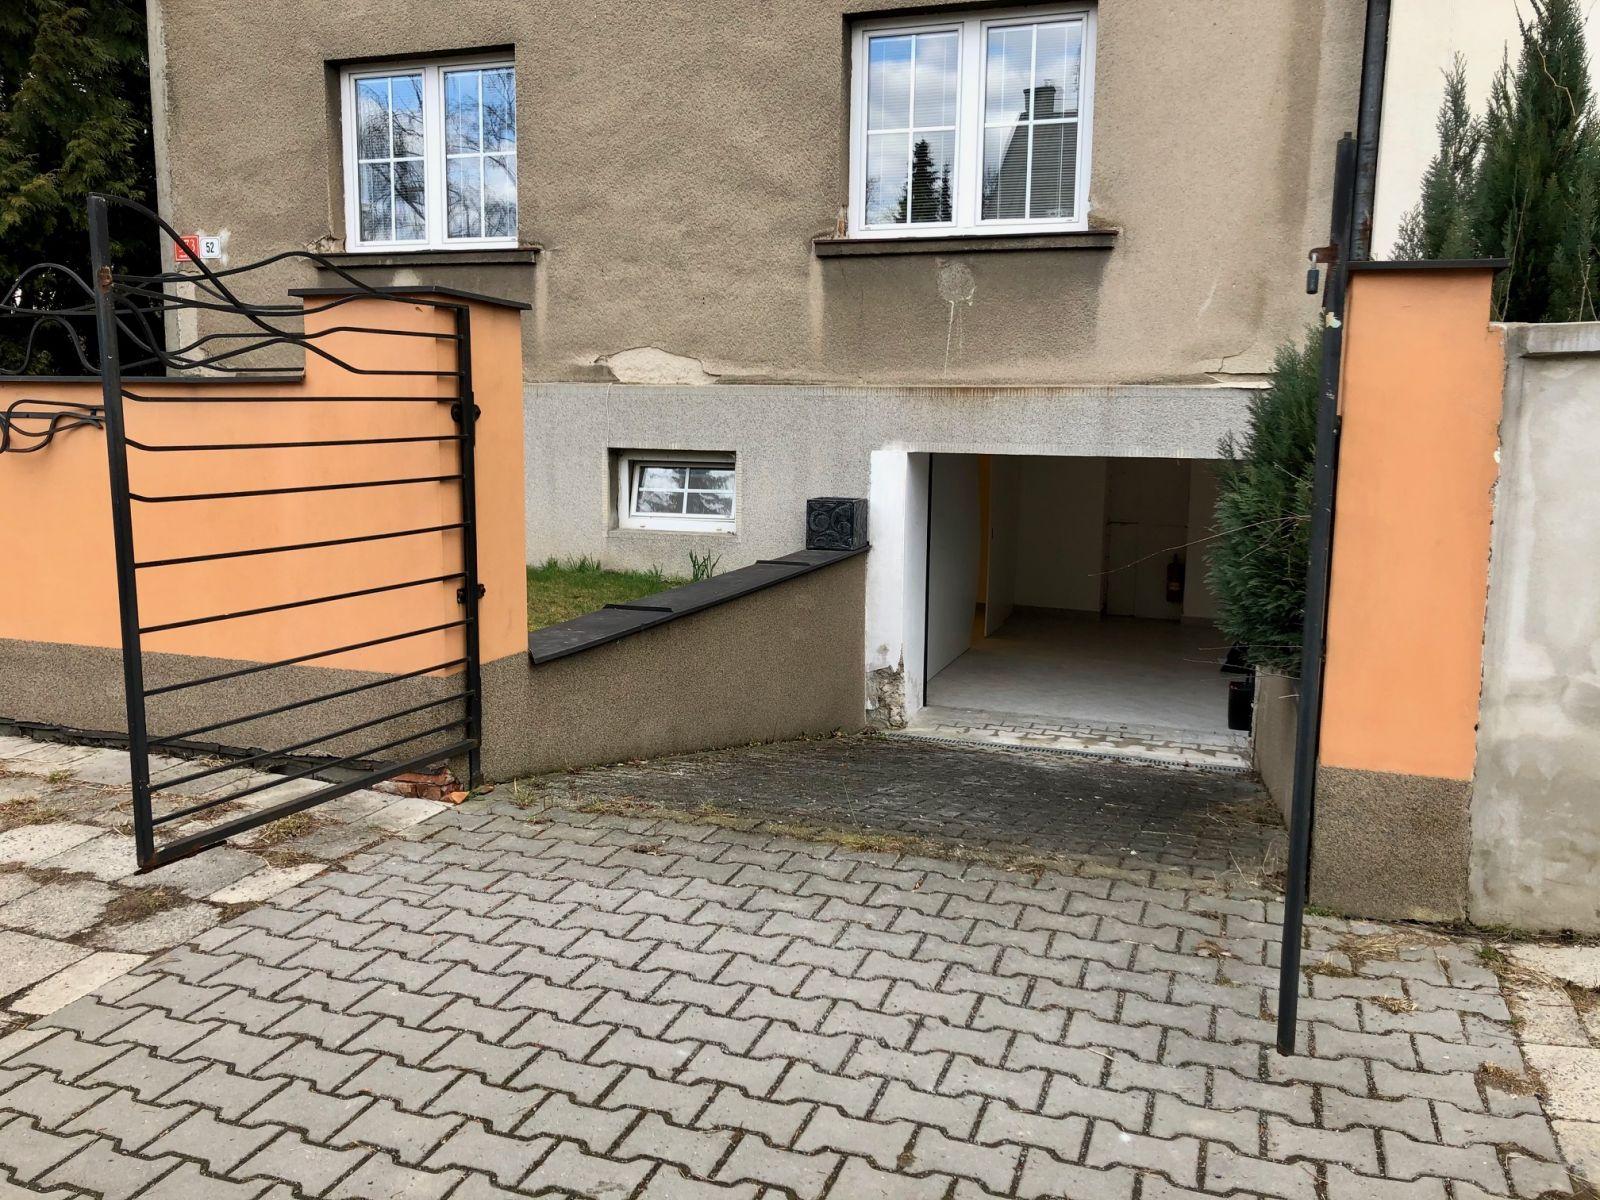 Pronájem skladu s parkováním v RD v Olomouci